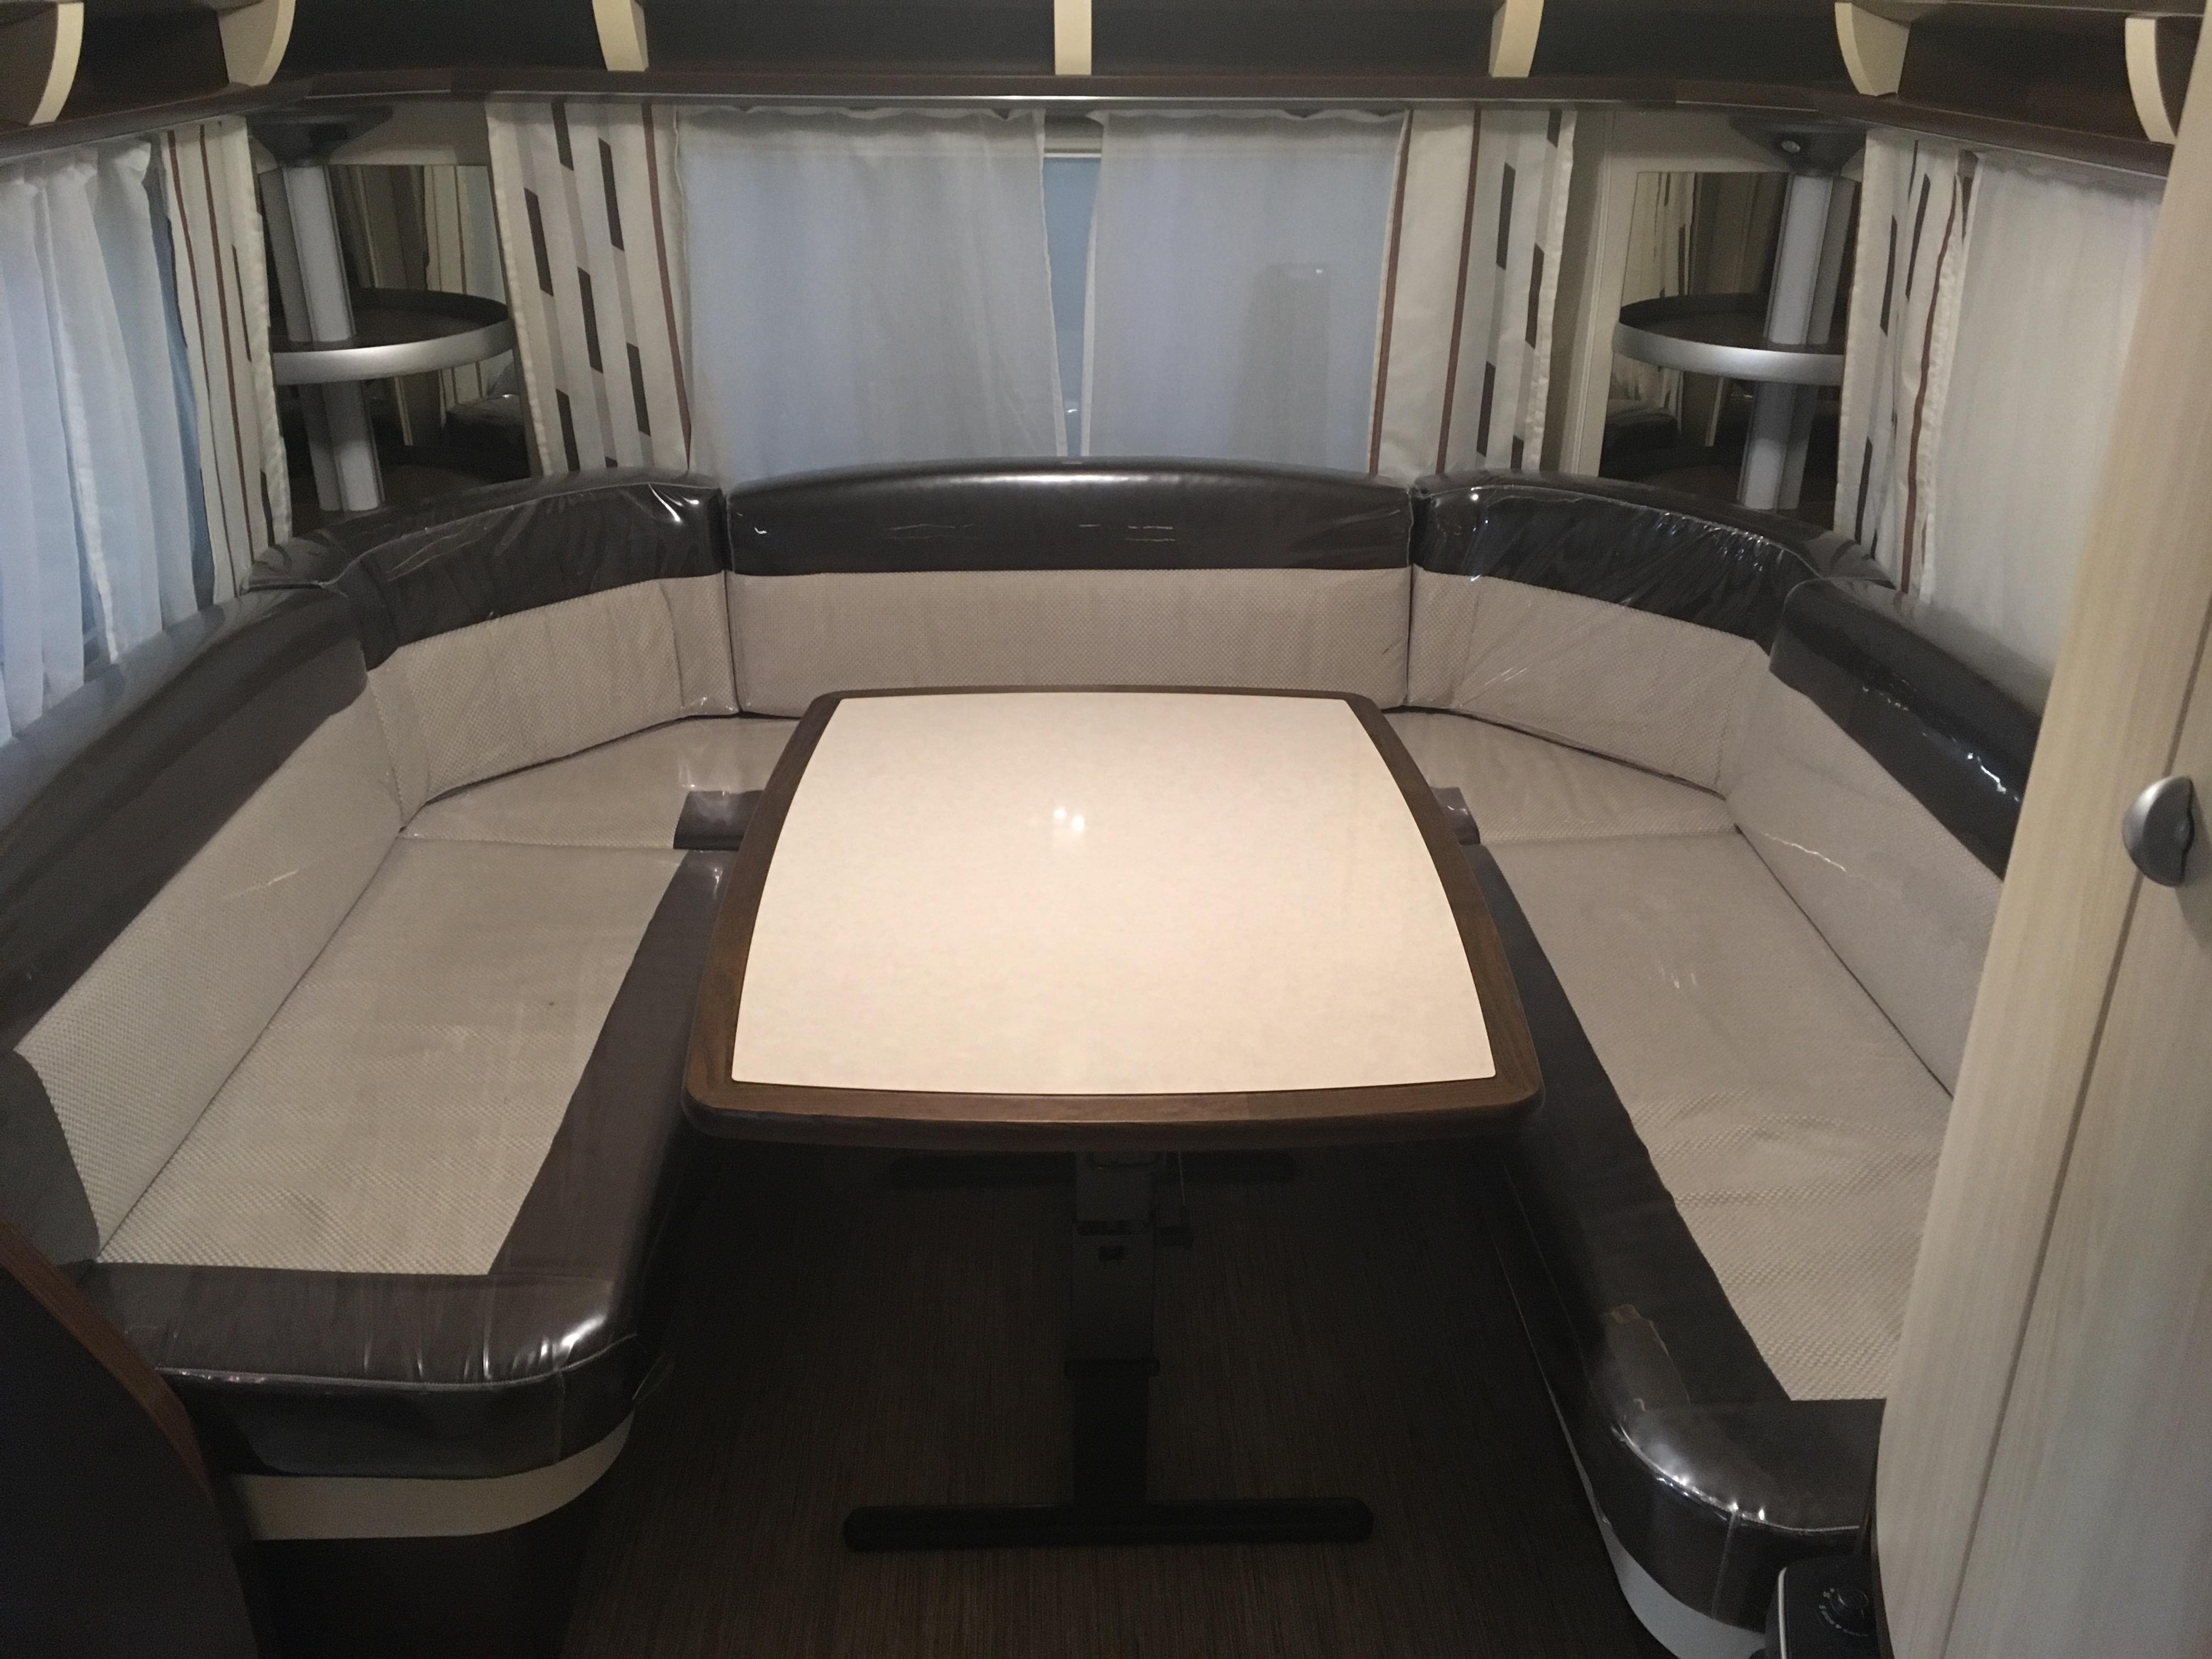 hobby 610 ul prestige occasion de 2013 caravane en vente claira pyrenees orientales 66. Black Bedroom Furniture Sets. Home Design Ideas